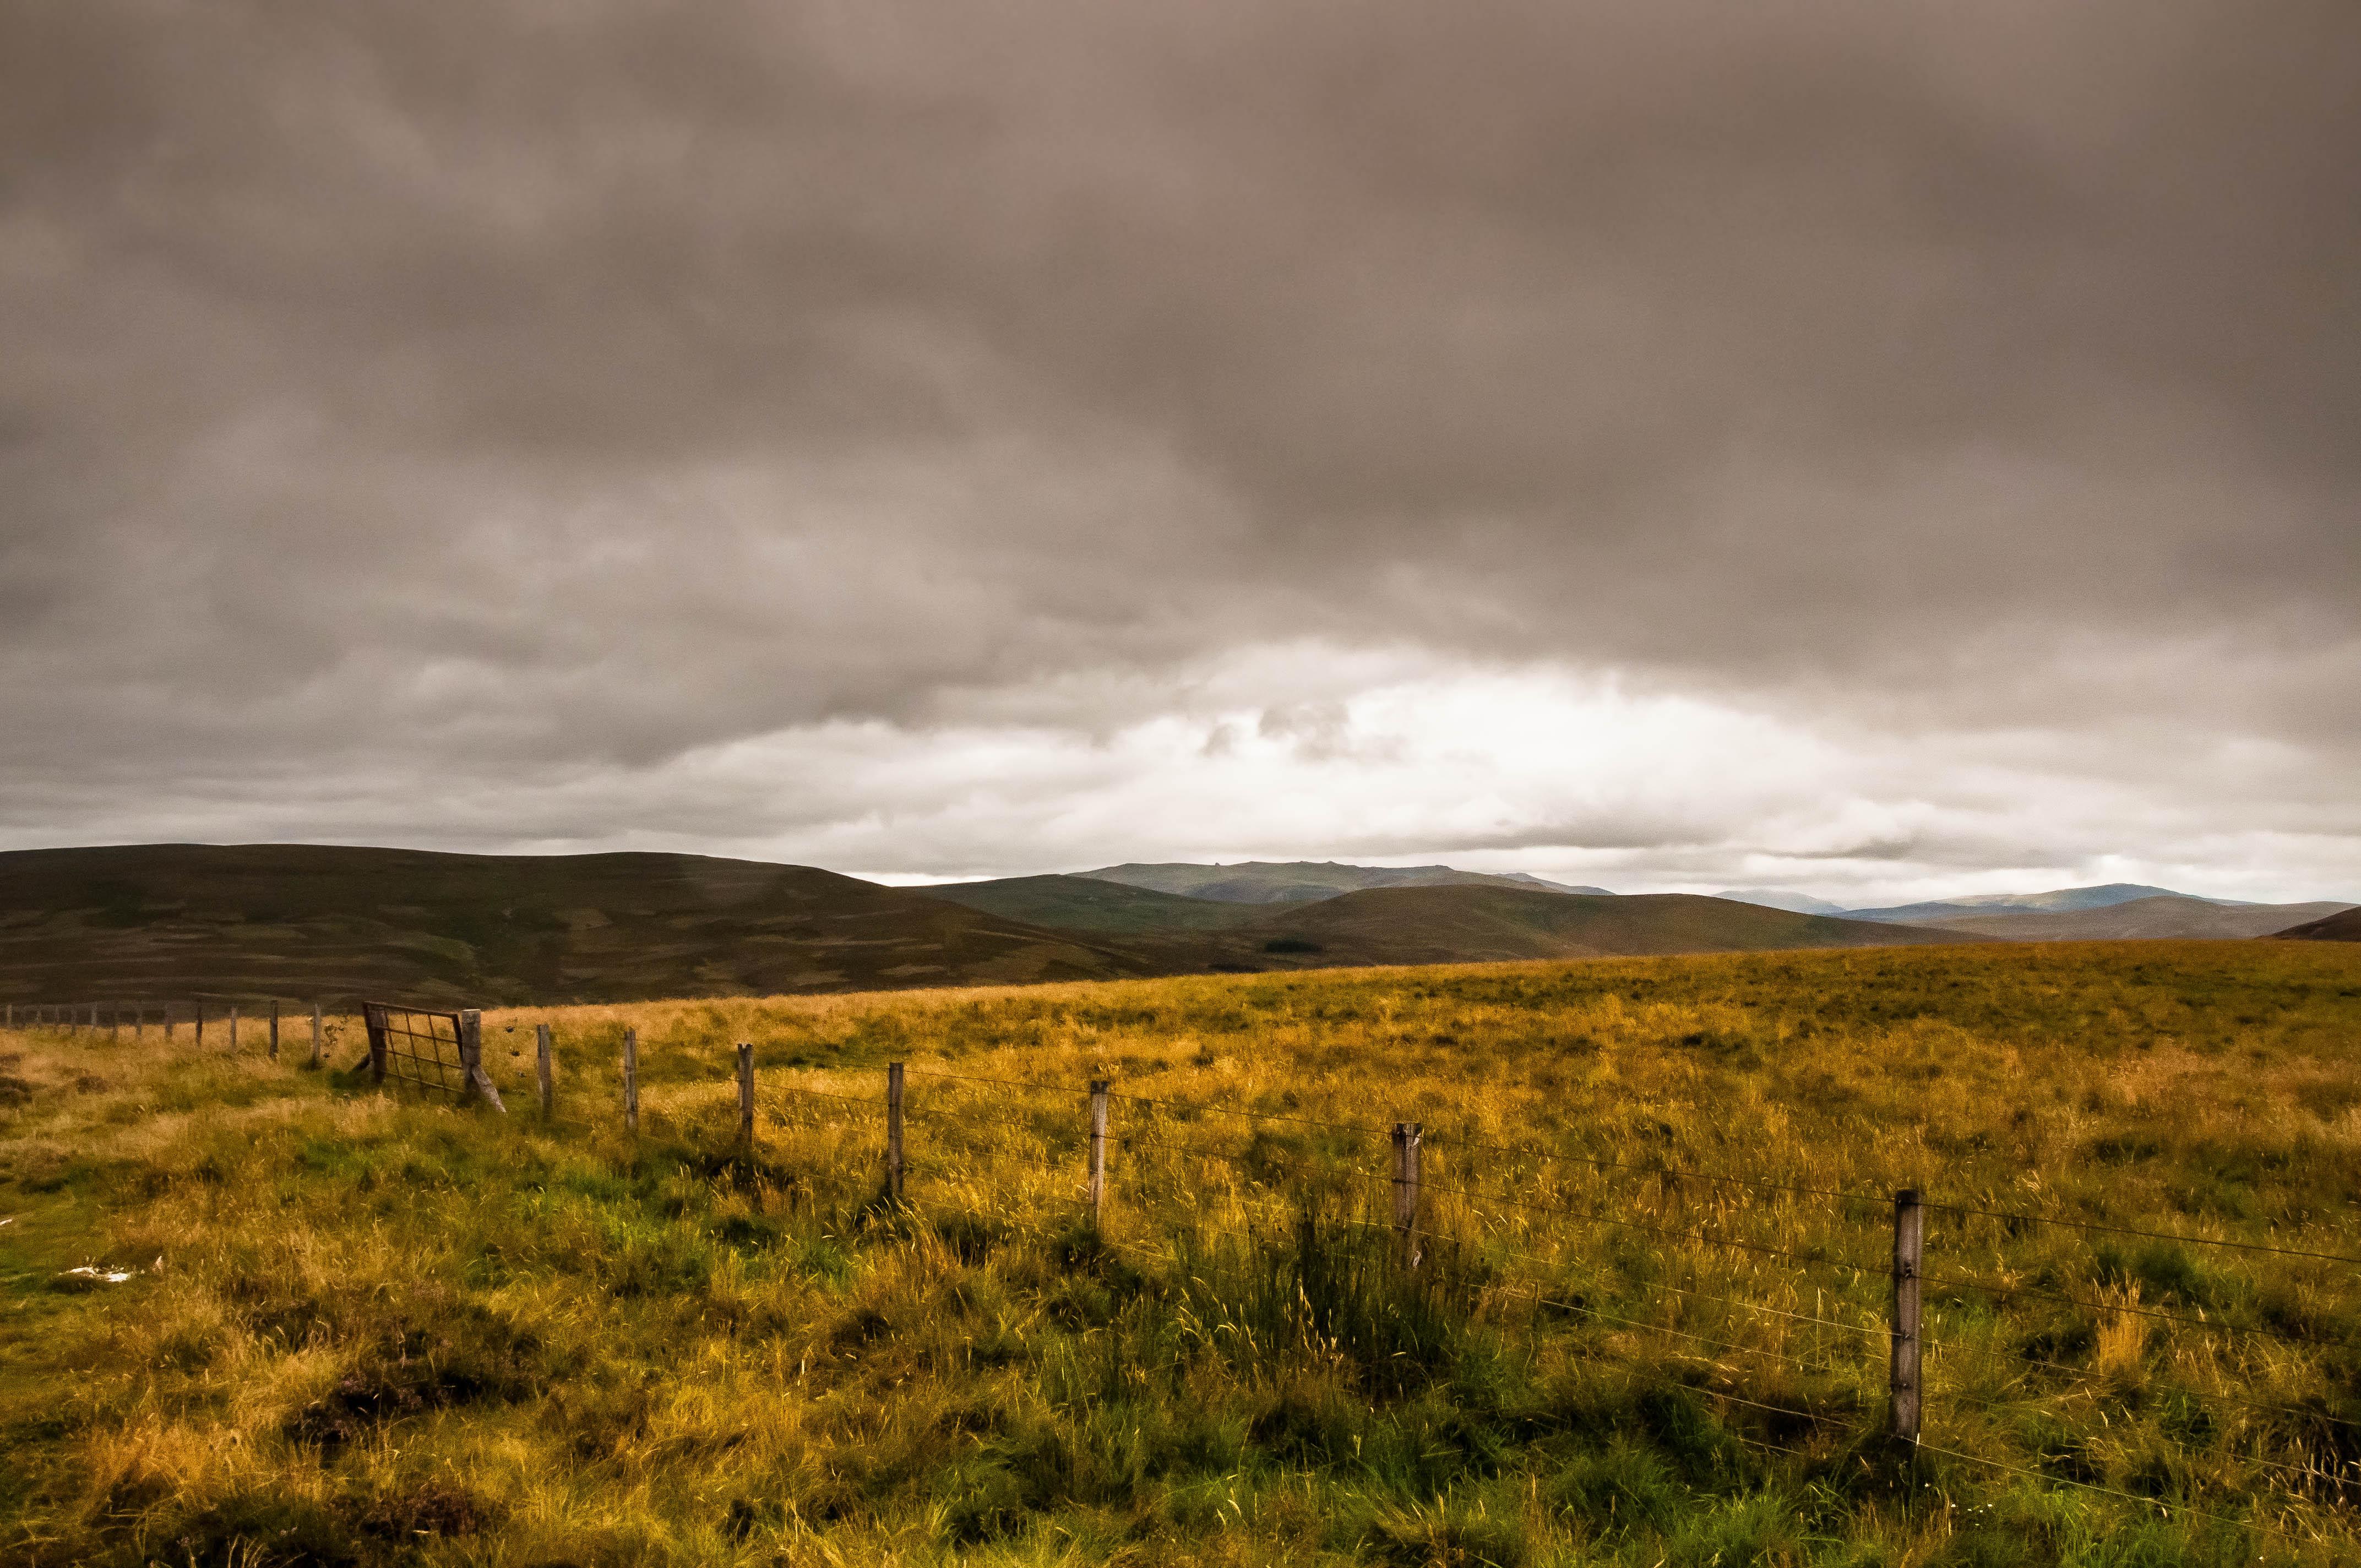 Flickr - Un timido raggio di sole sulla brughiera.jpg.jpg.jpg